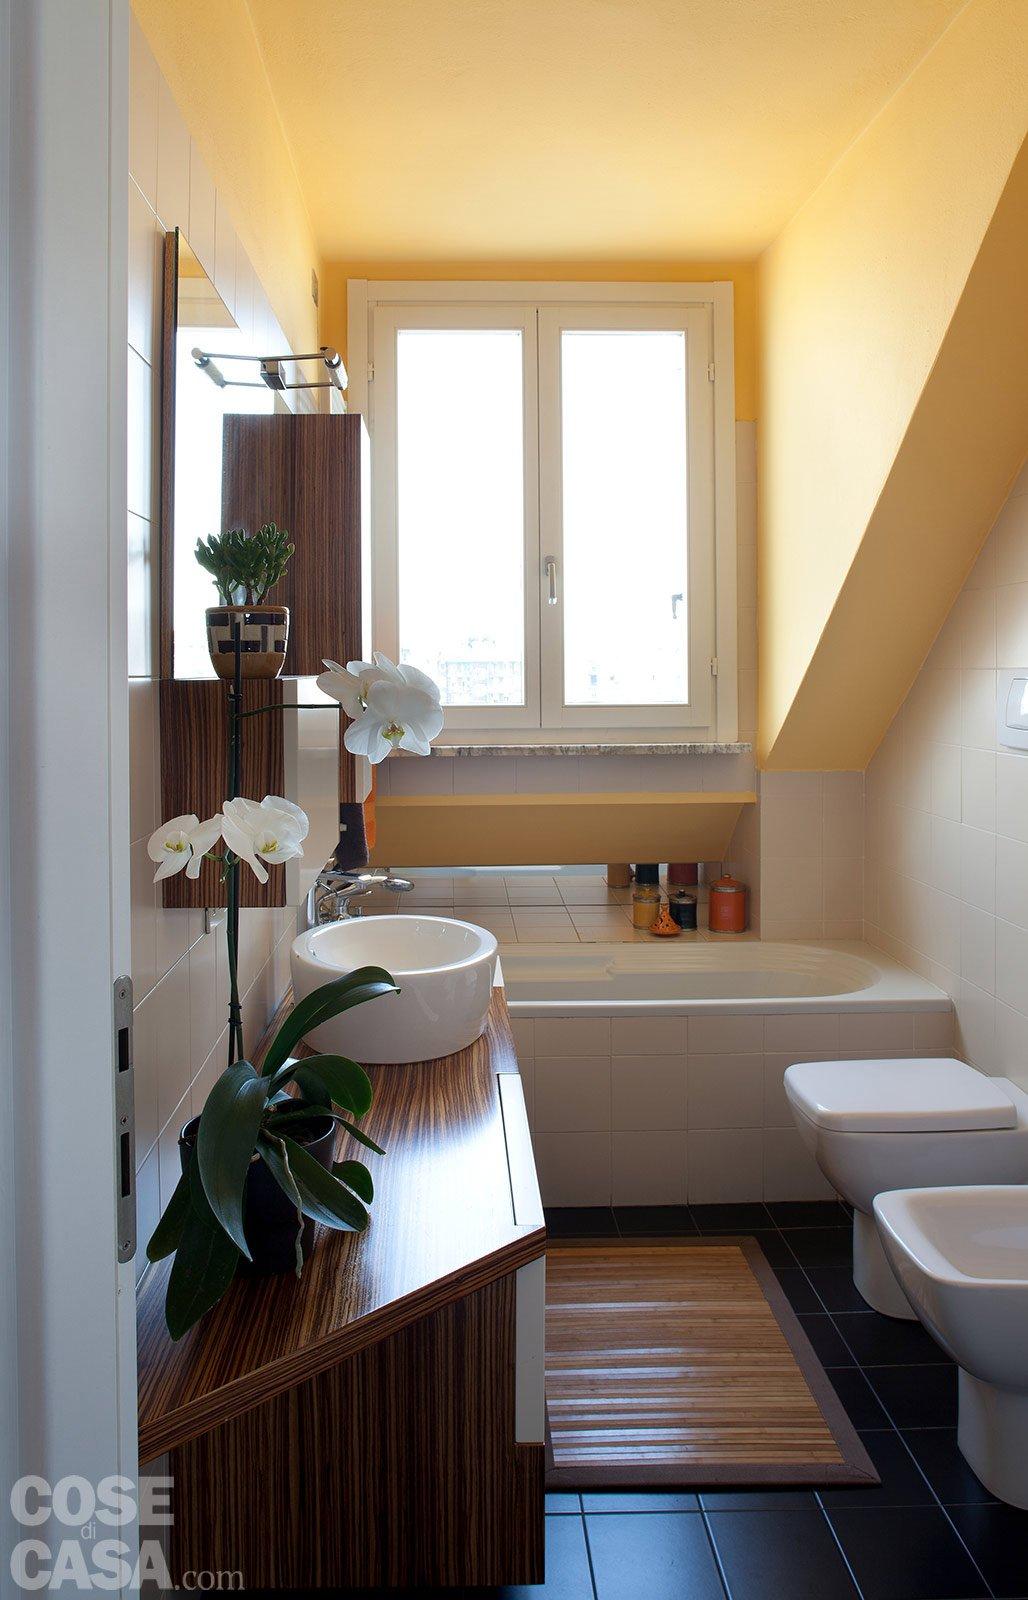 95 mq una casa con nuovi ambienti in verticale cose di casa - Davanzali interni ...